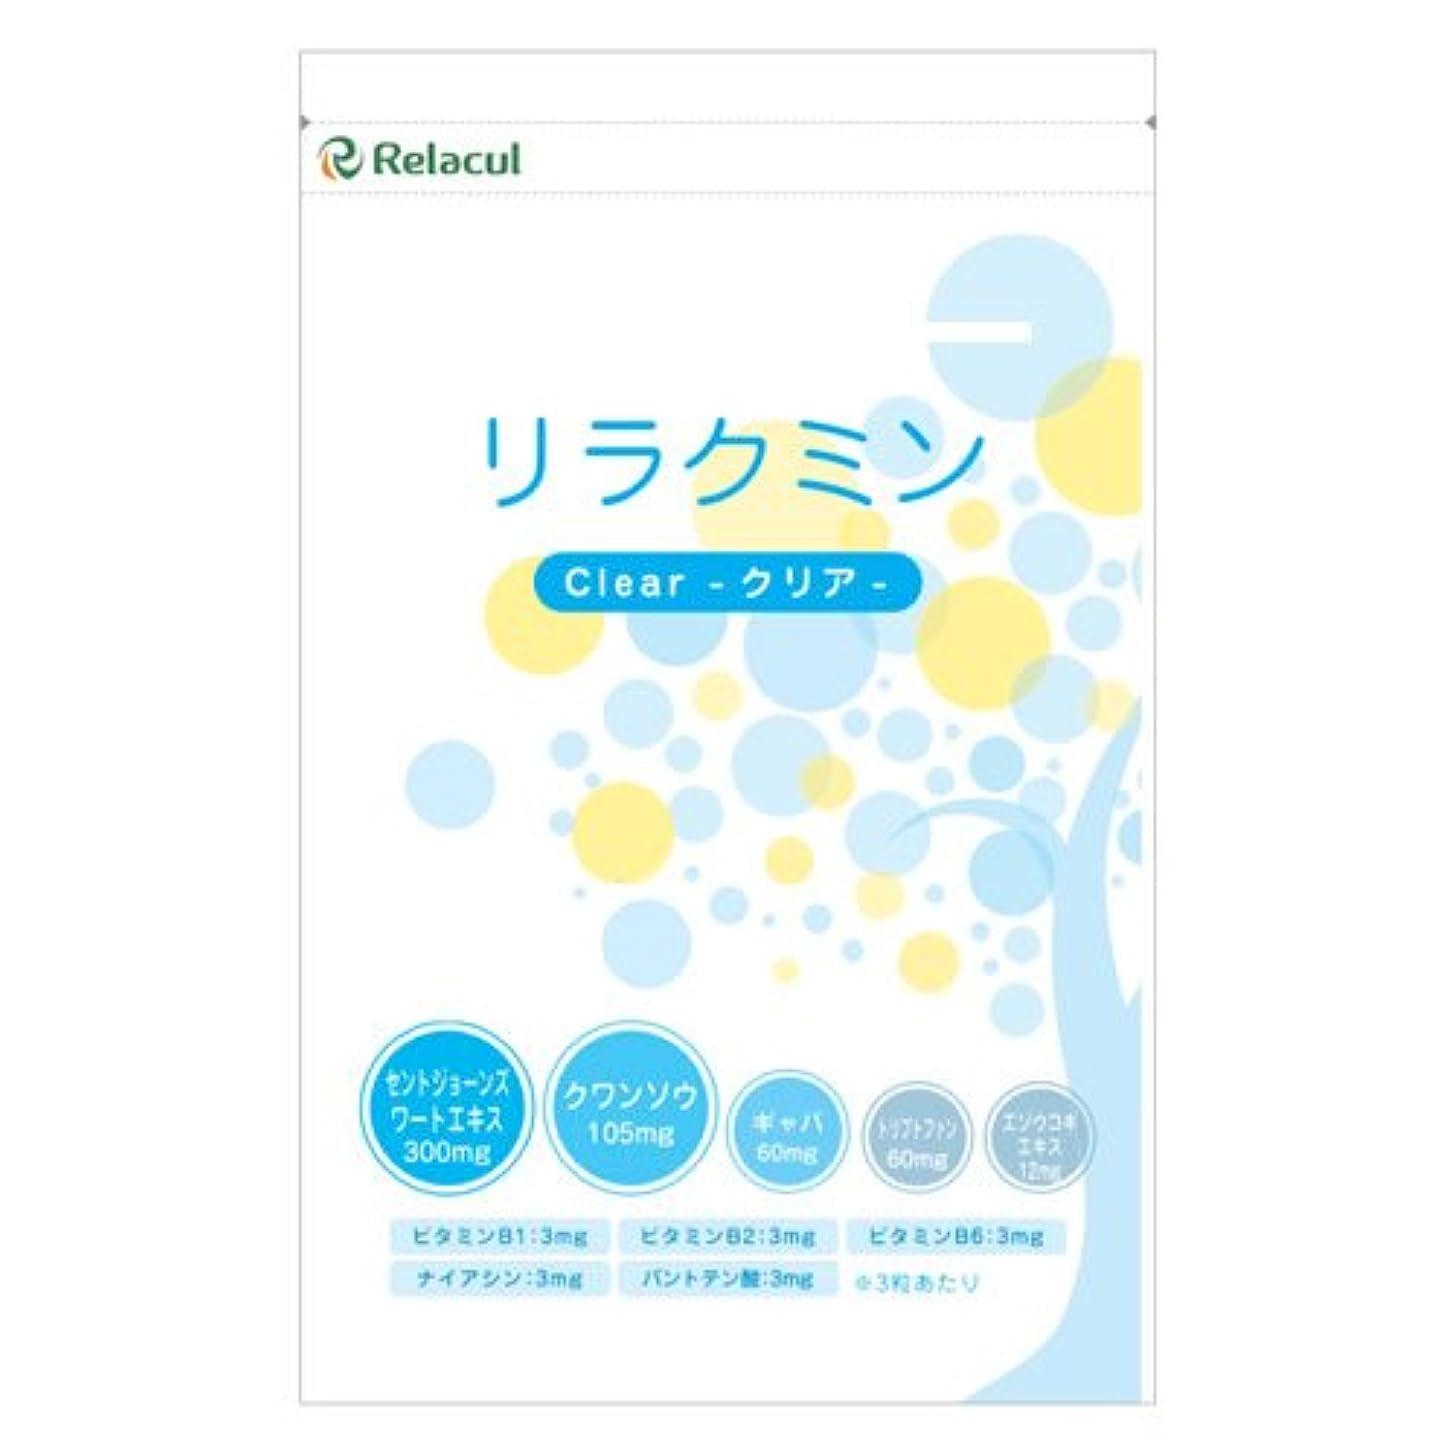 検査薄いです怠けたセロトニン サプリ (日本製) ギャバ セントジョーンズワート トリプトファン エゾウコギ [リラクミンクリア 1袋] 90粒入 (約1か月分) リラクミン サプリメント